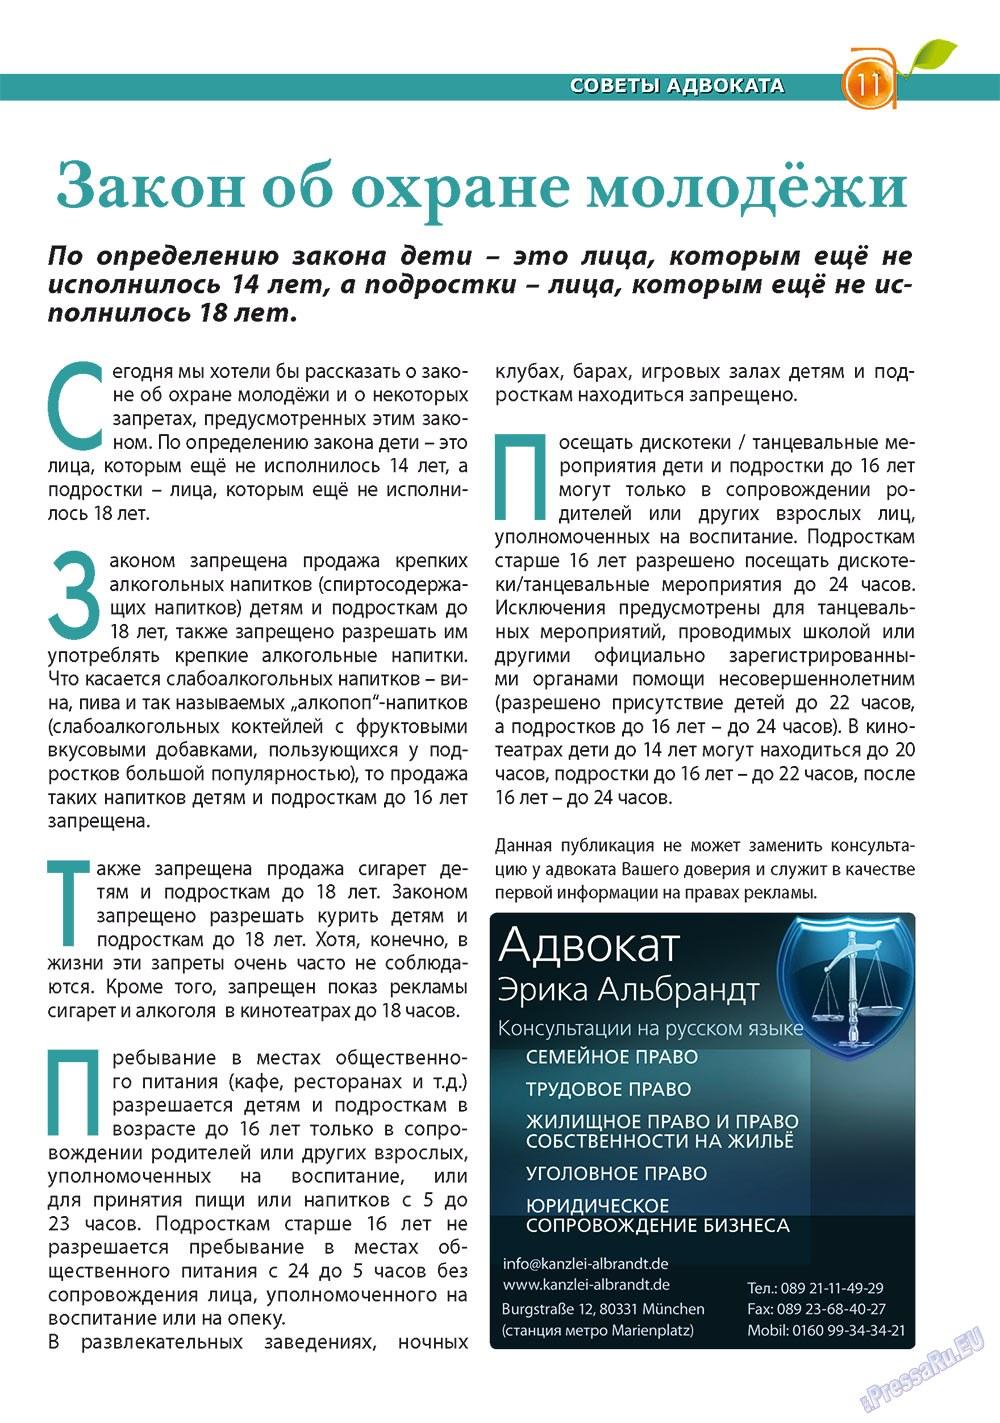 Апельсин (журнал). 2011 год, номер 27, стр. 11